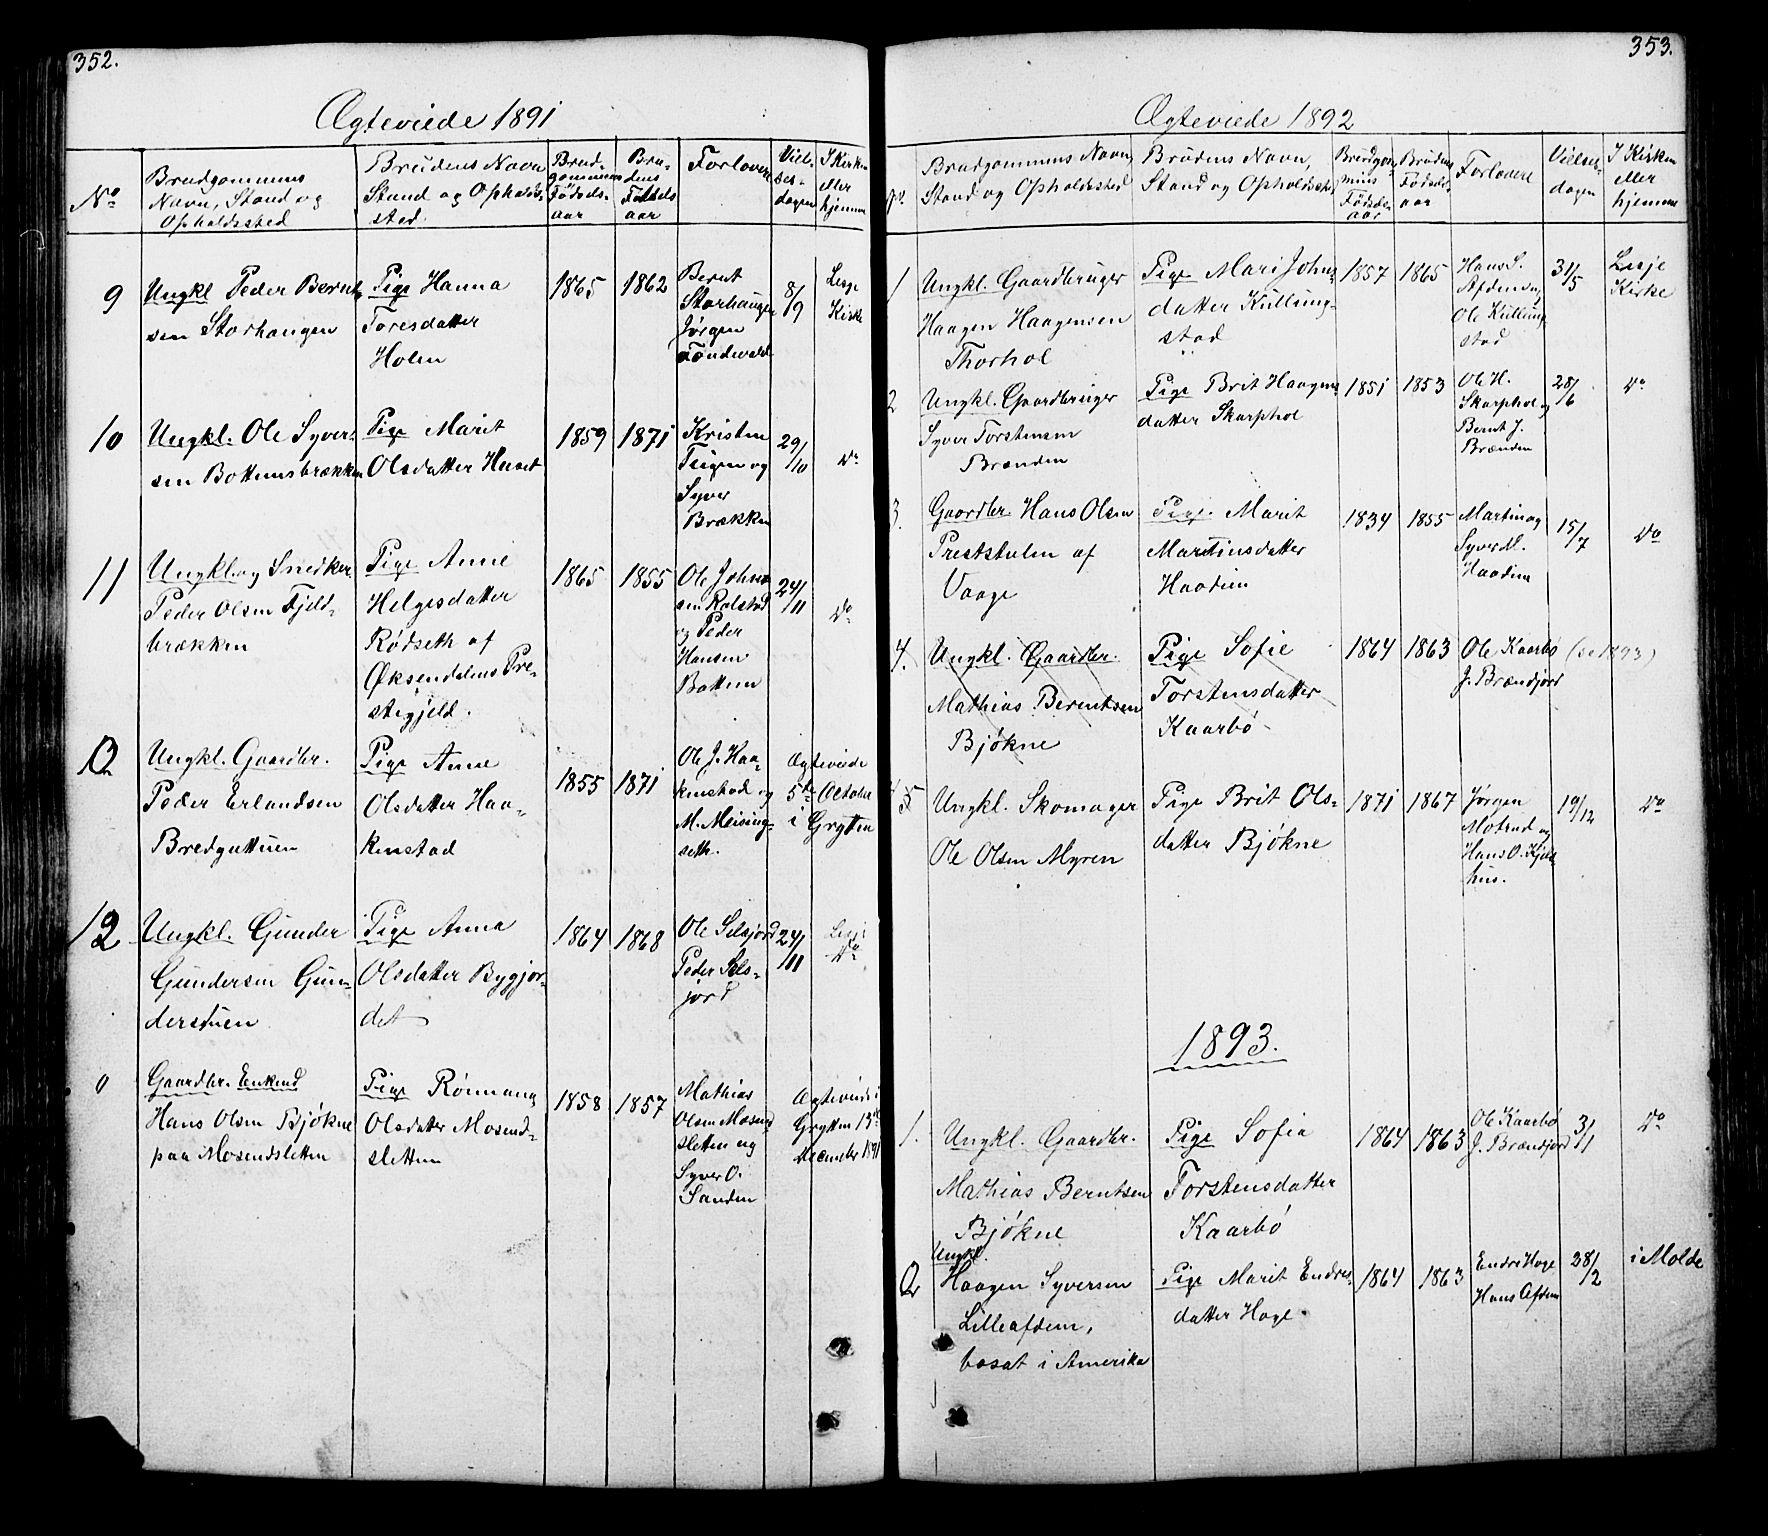 SAH, Lesja prestekontor, Parish register (copy) no. 5, 1850-1894, p. 352-353